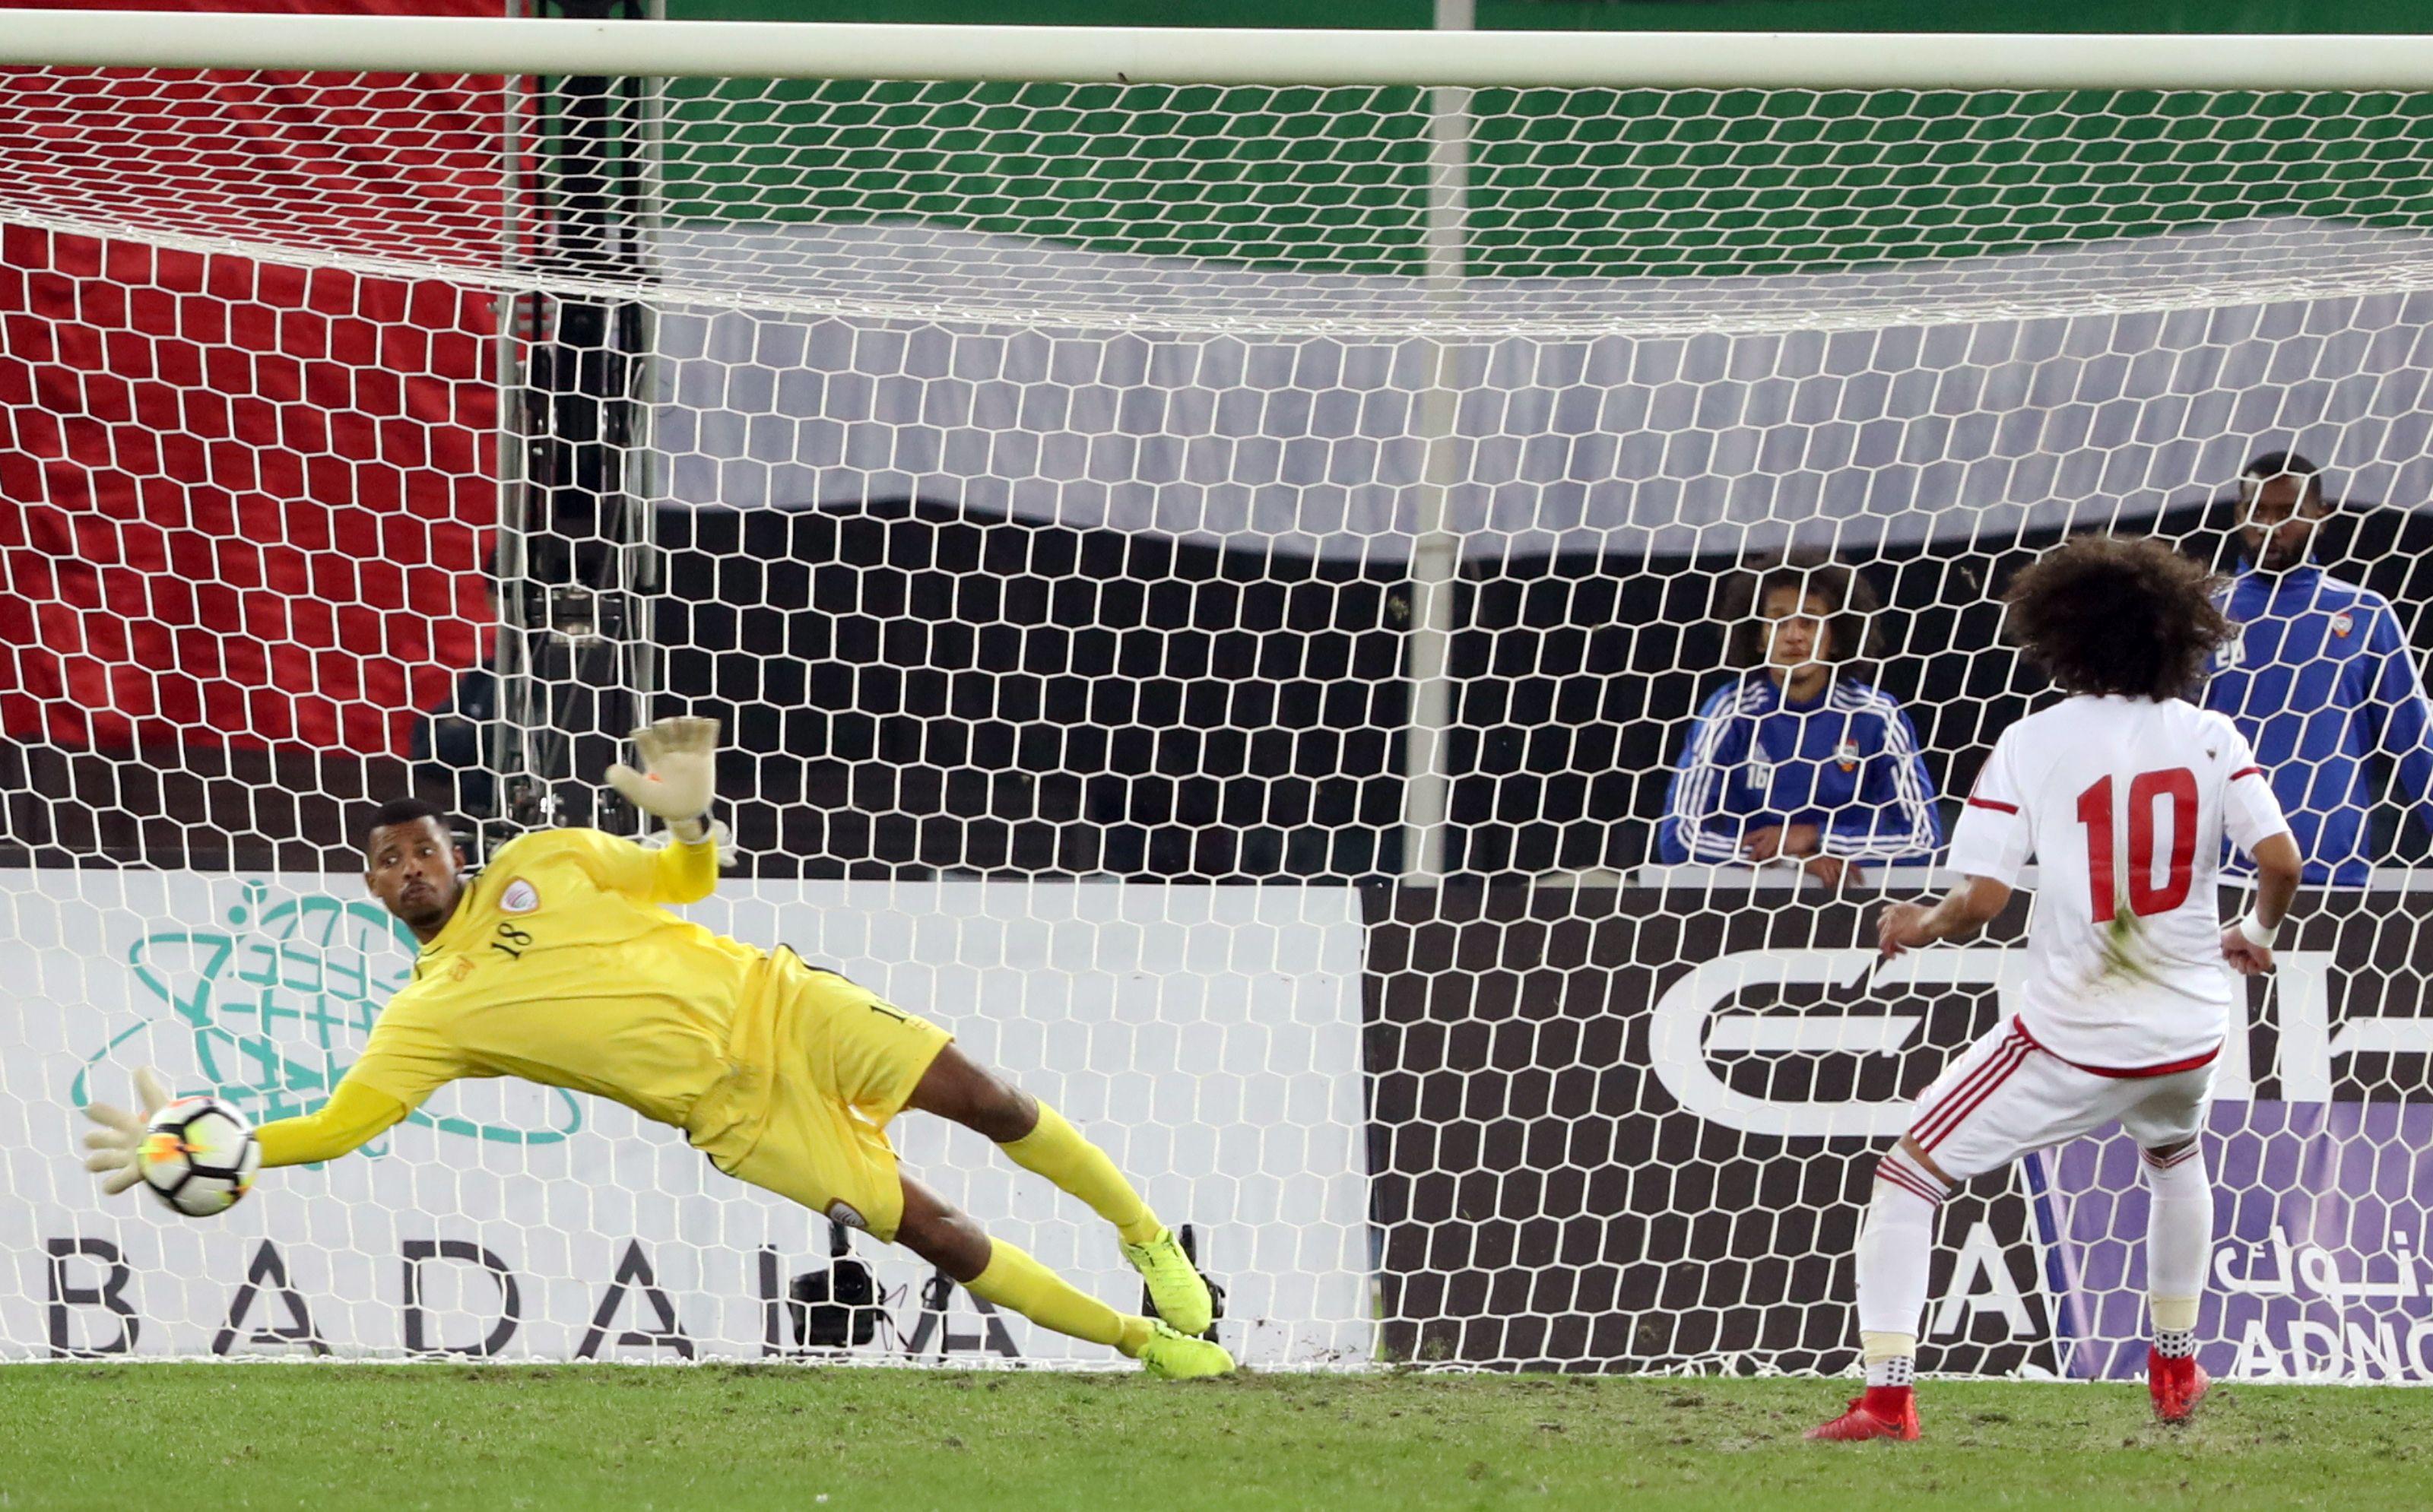 Bad aim: Abdulrahman against Oman at the Gulf Cup.